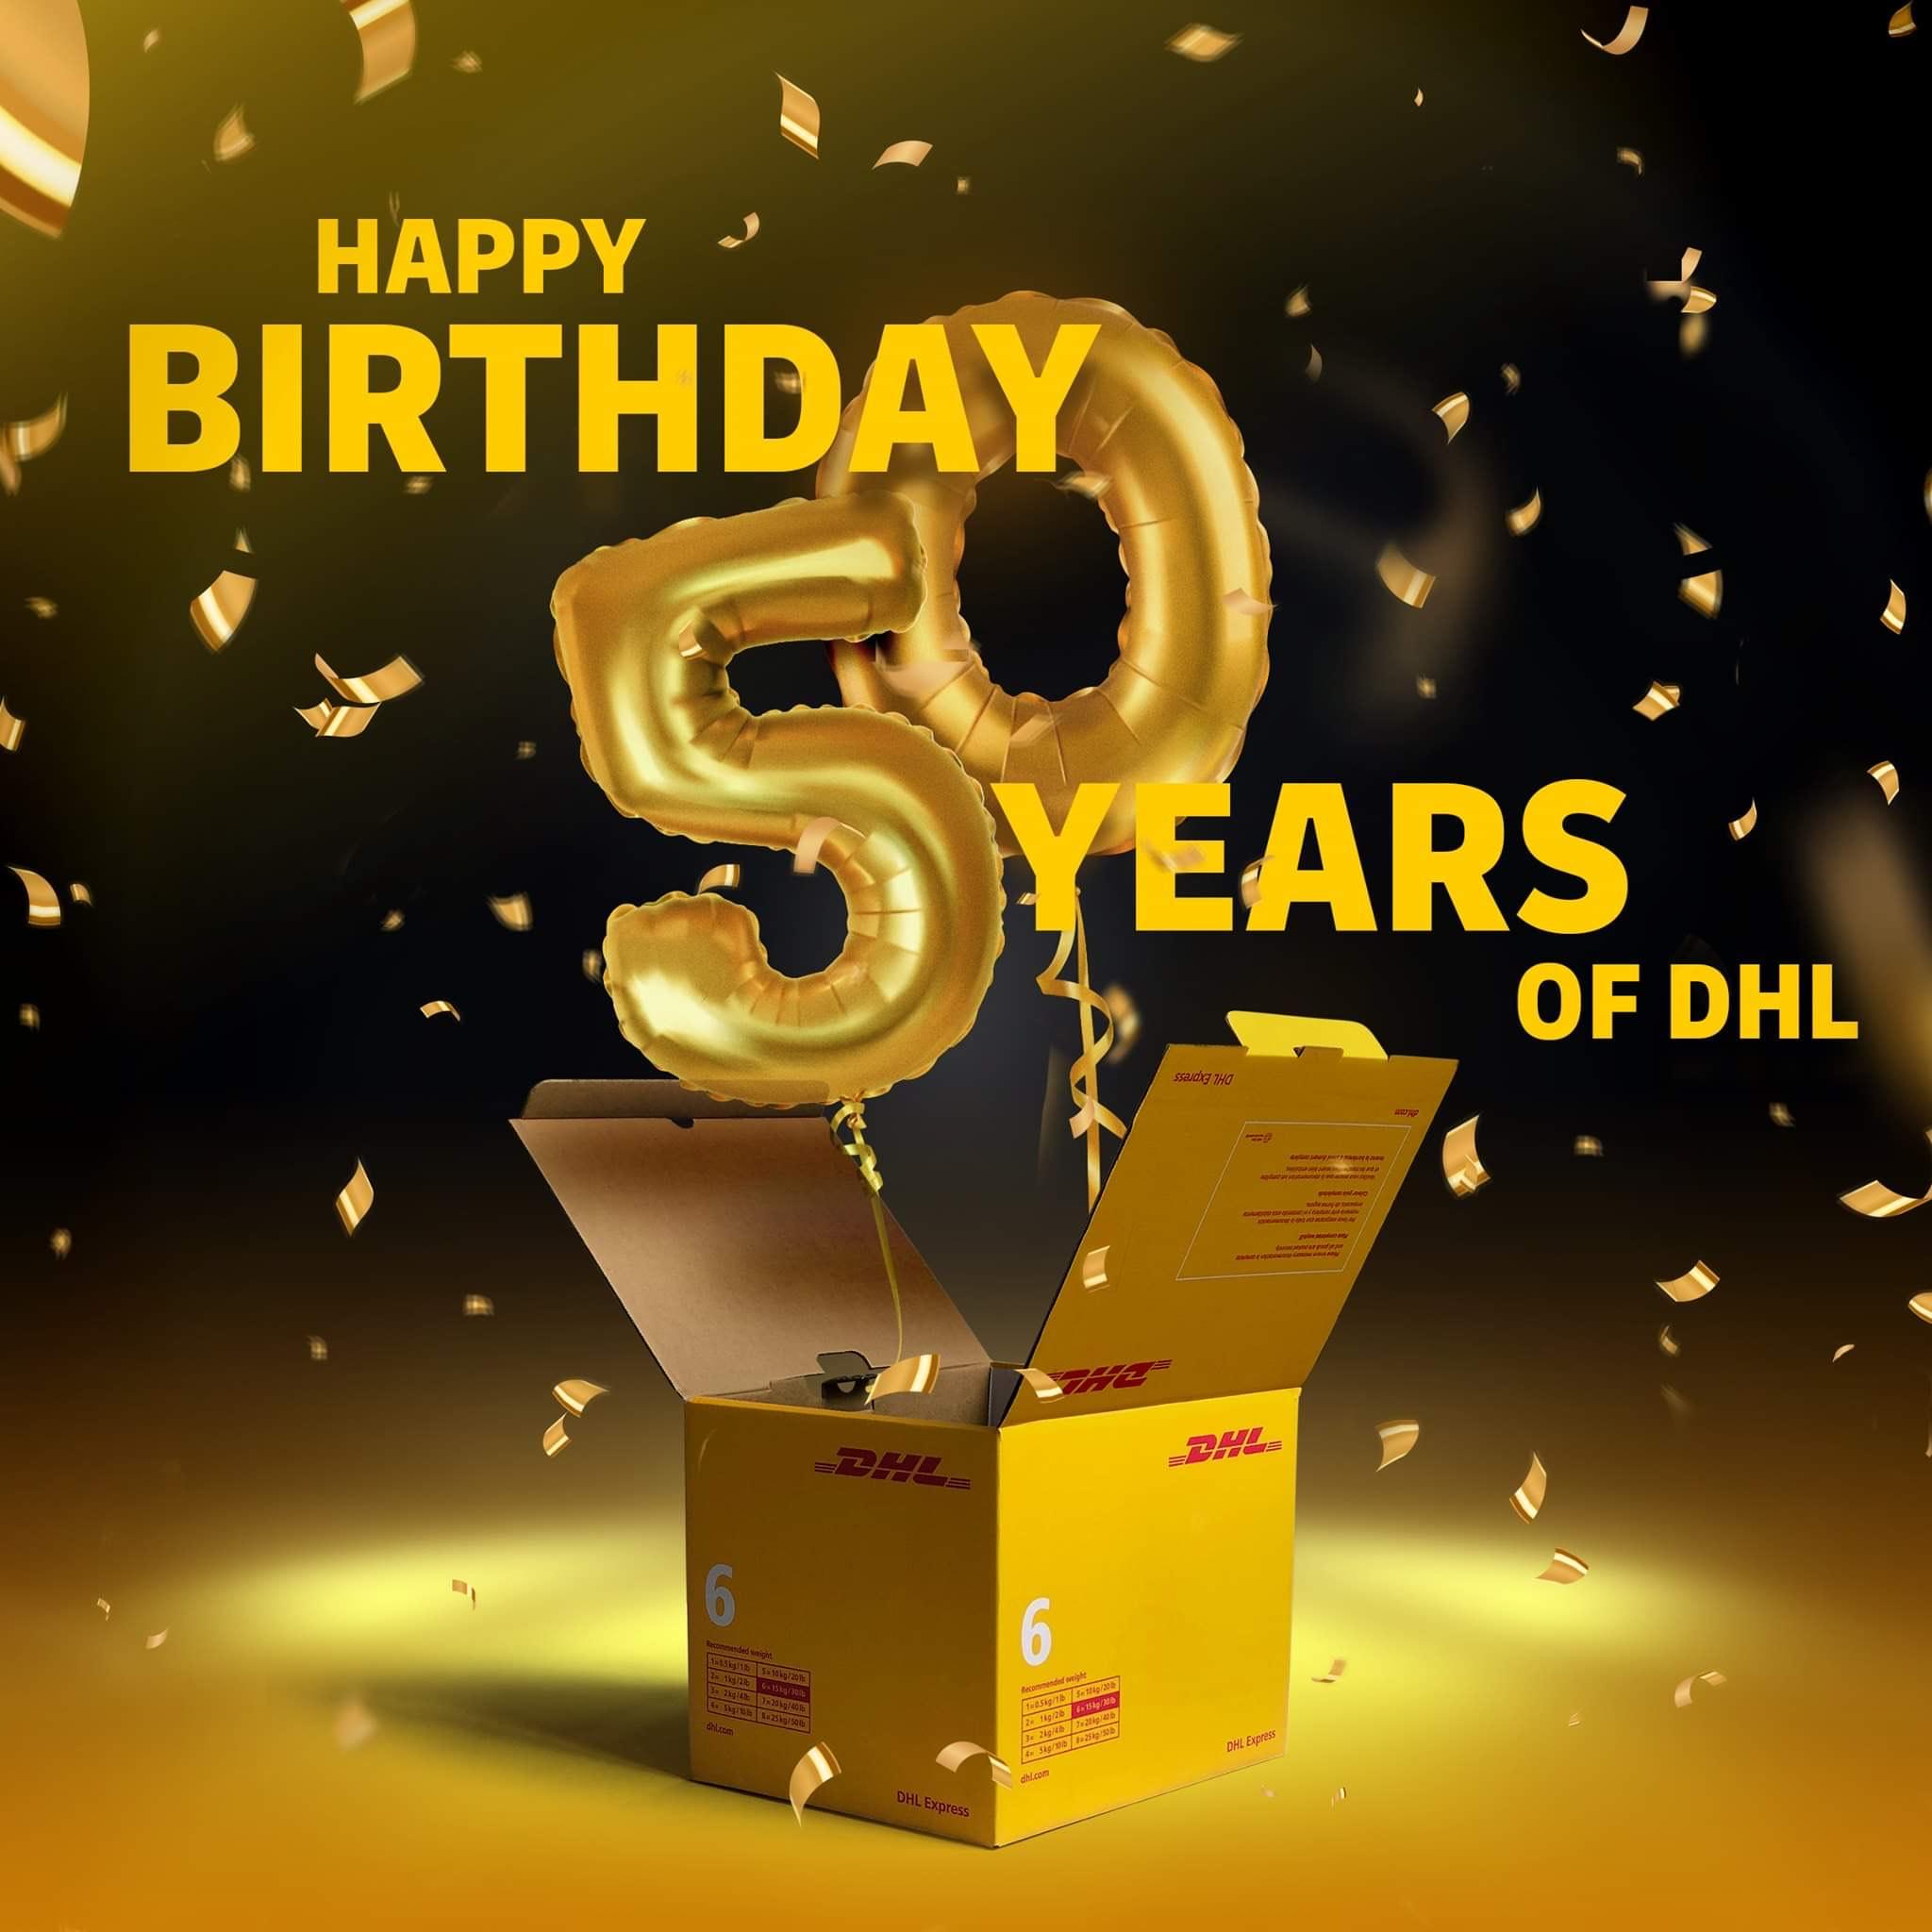 50% korting op DHL SNEL zending